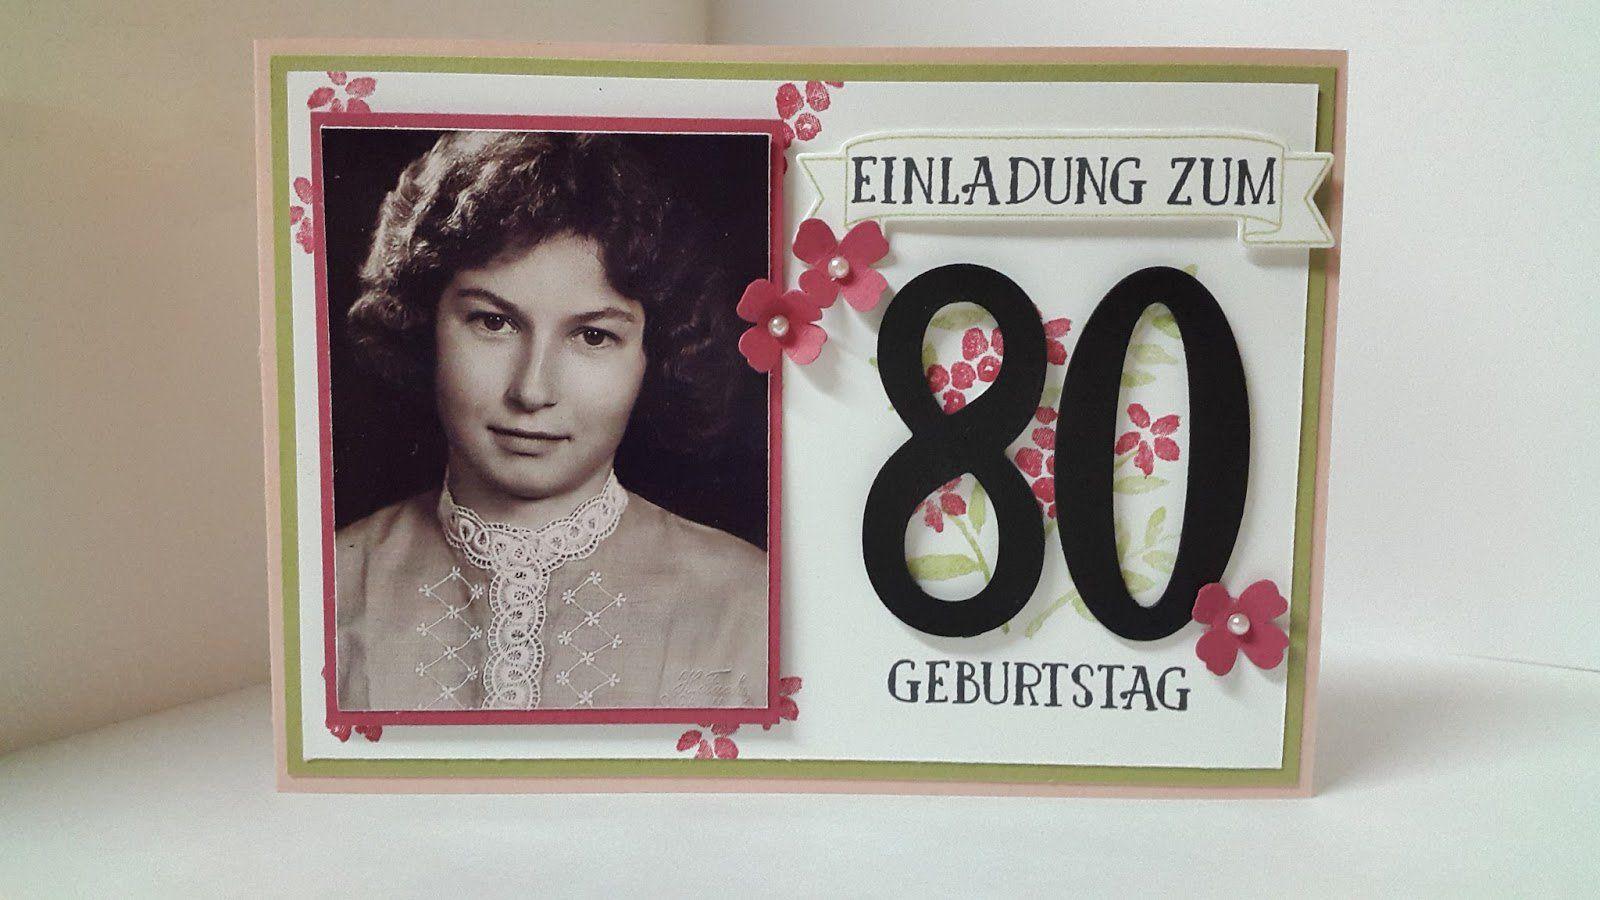 Best 25+ Einladung 80. Geburtstag Ideas On Pinterest | Einladung 80  Geburtstag, Einladungen Zum 80. Geburtstag And Einladung Zum 80 Geburtstag